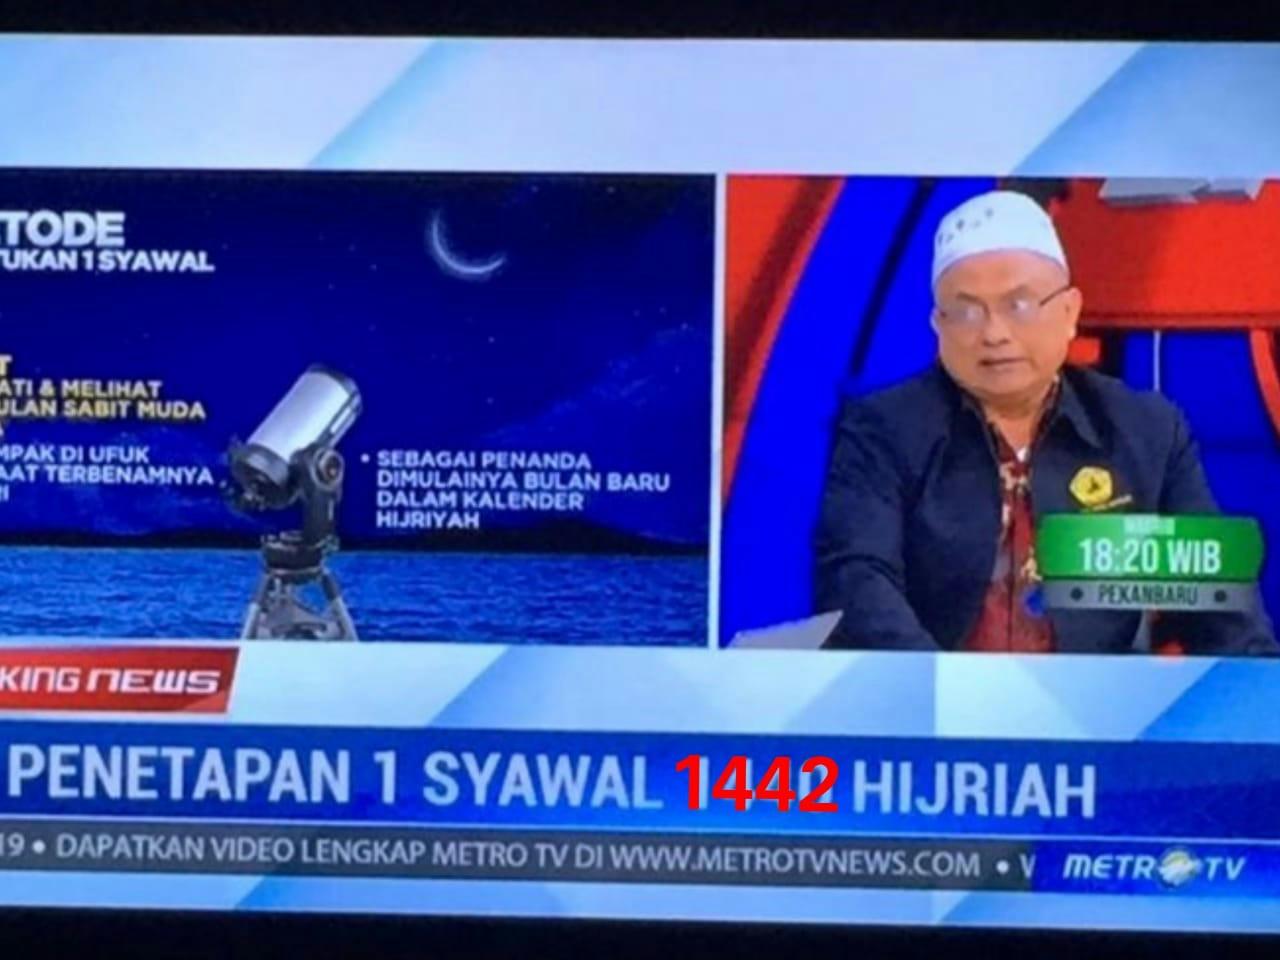 Hisab Manual Nautical Almanac, Idul Fitri 1442 H Jatuh Pada Kamis 13 Mei 2021